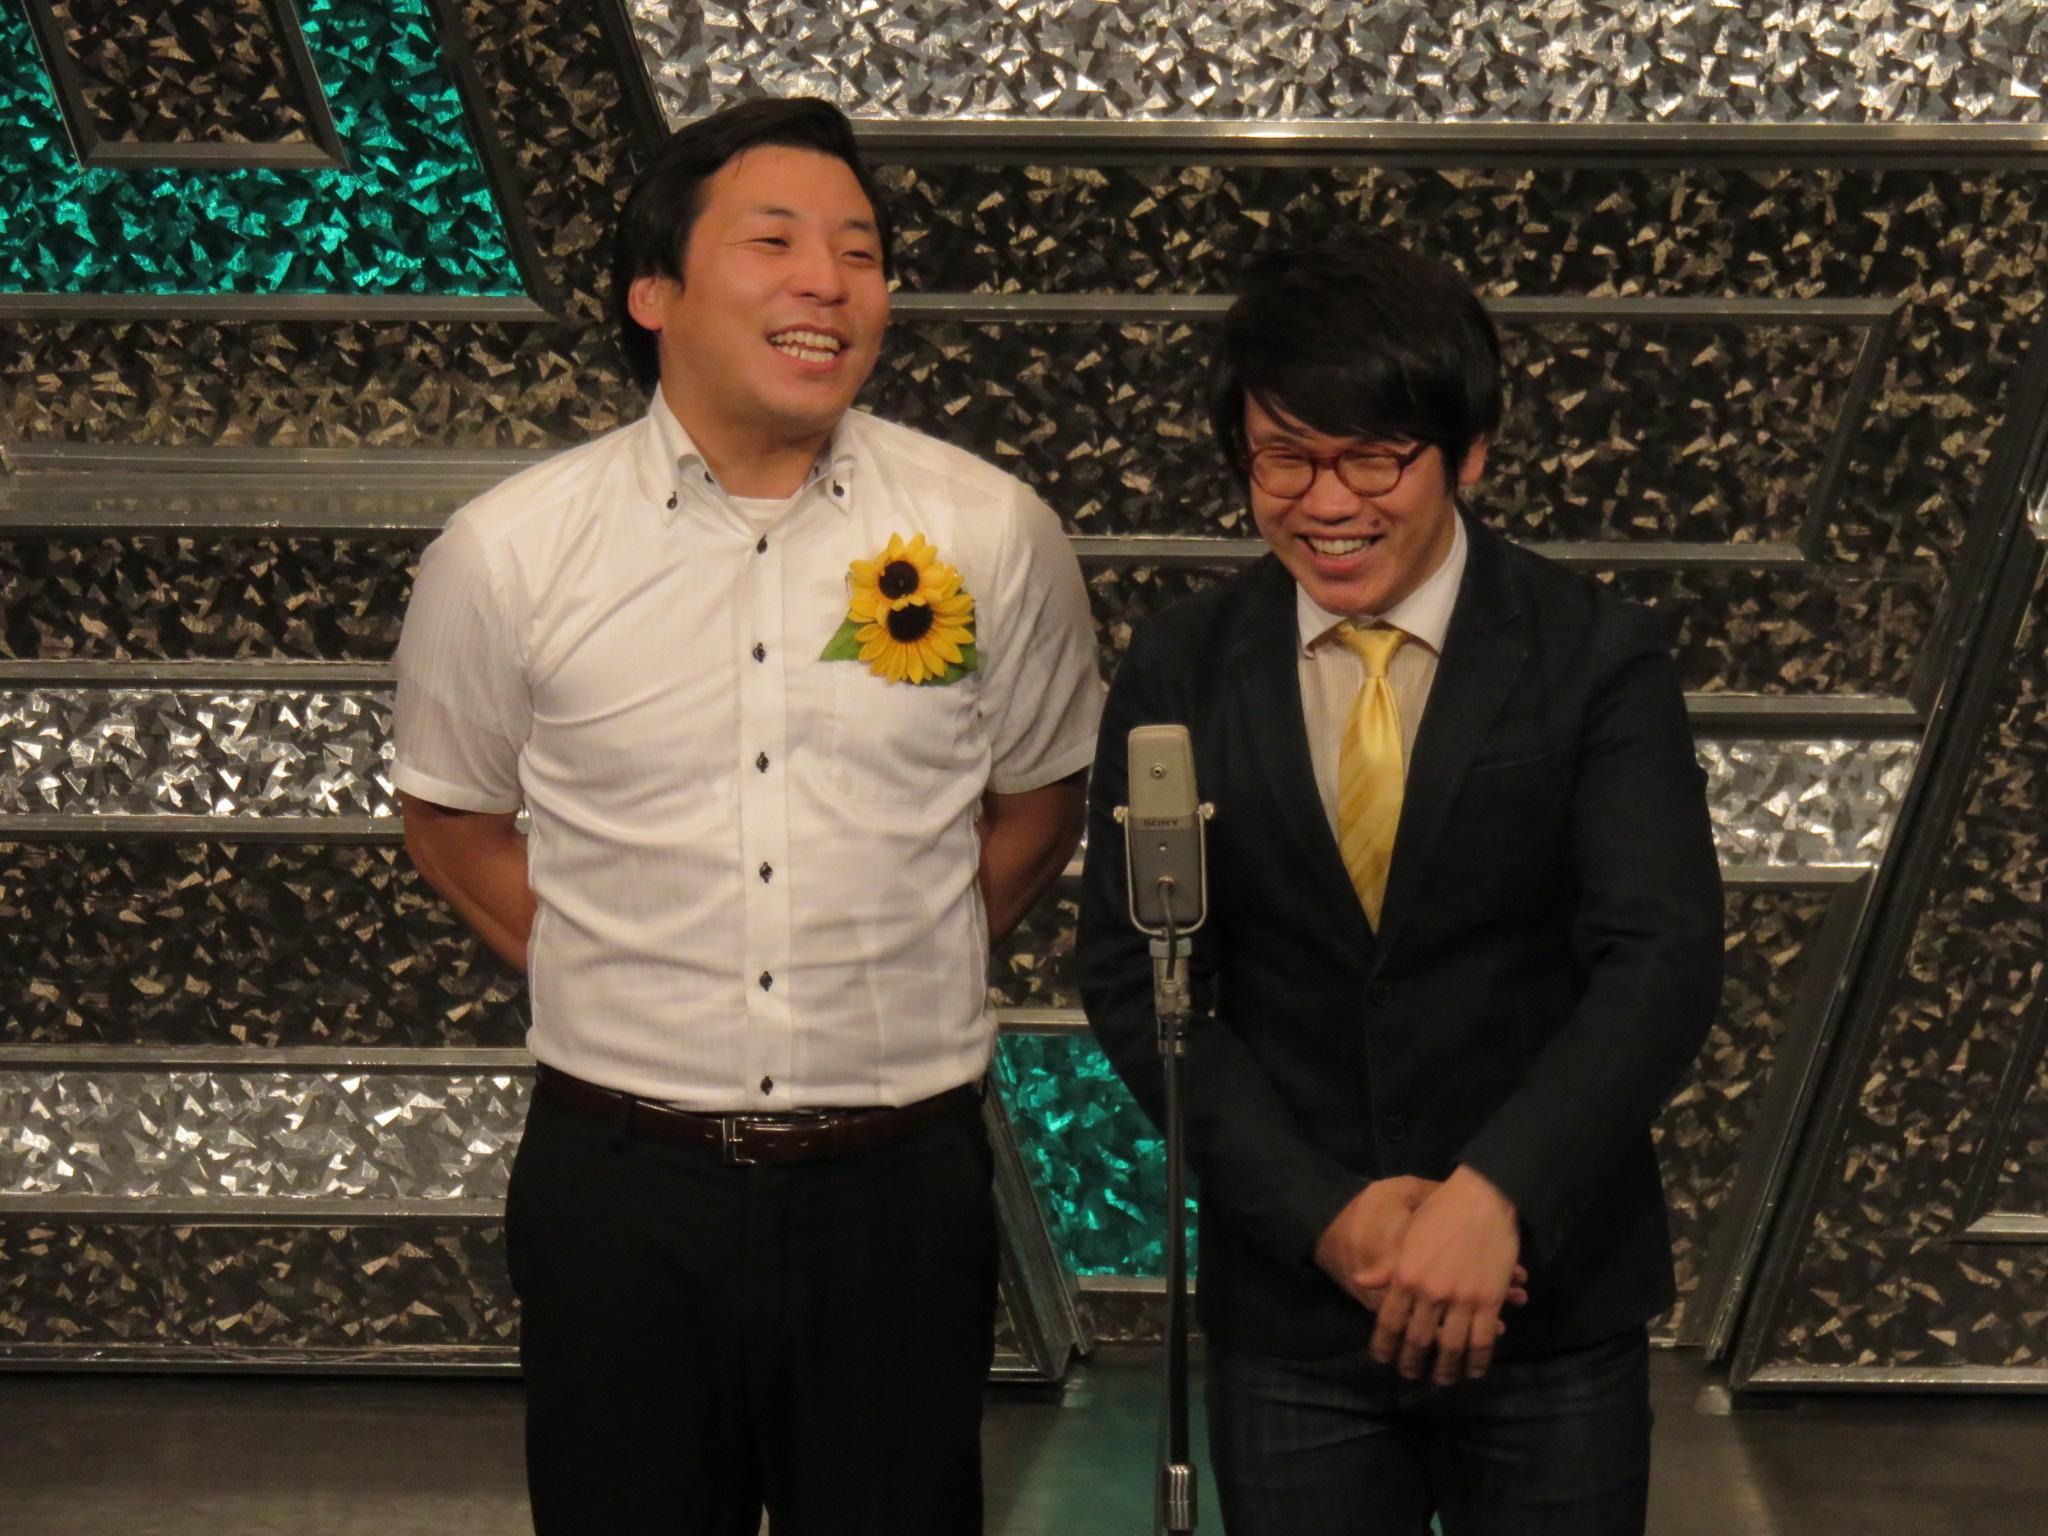 http://news.yoshimoto.co.jp/20161228212835-b8f2d643f6ba0a387094877c229d1957482e0ae4.jpg